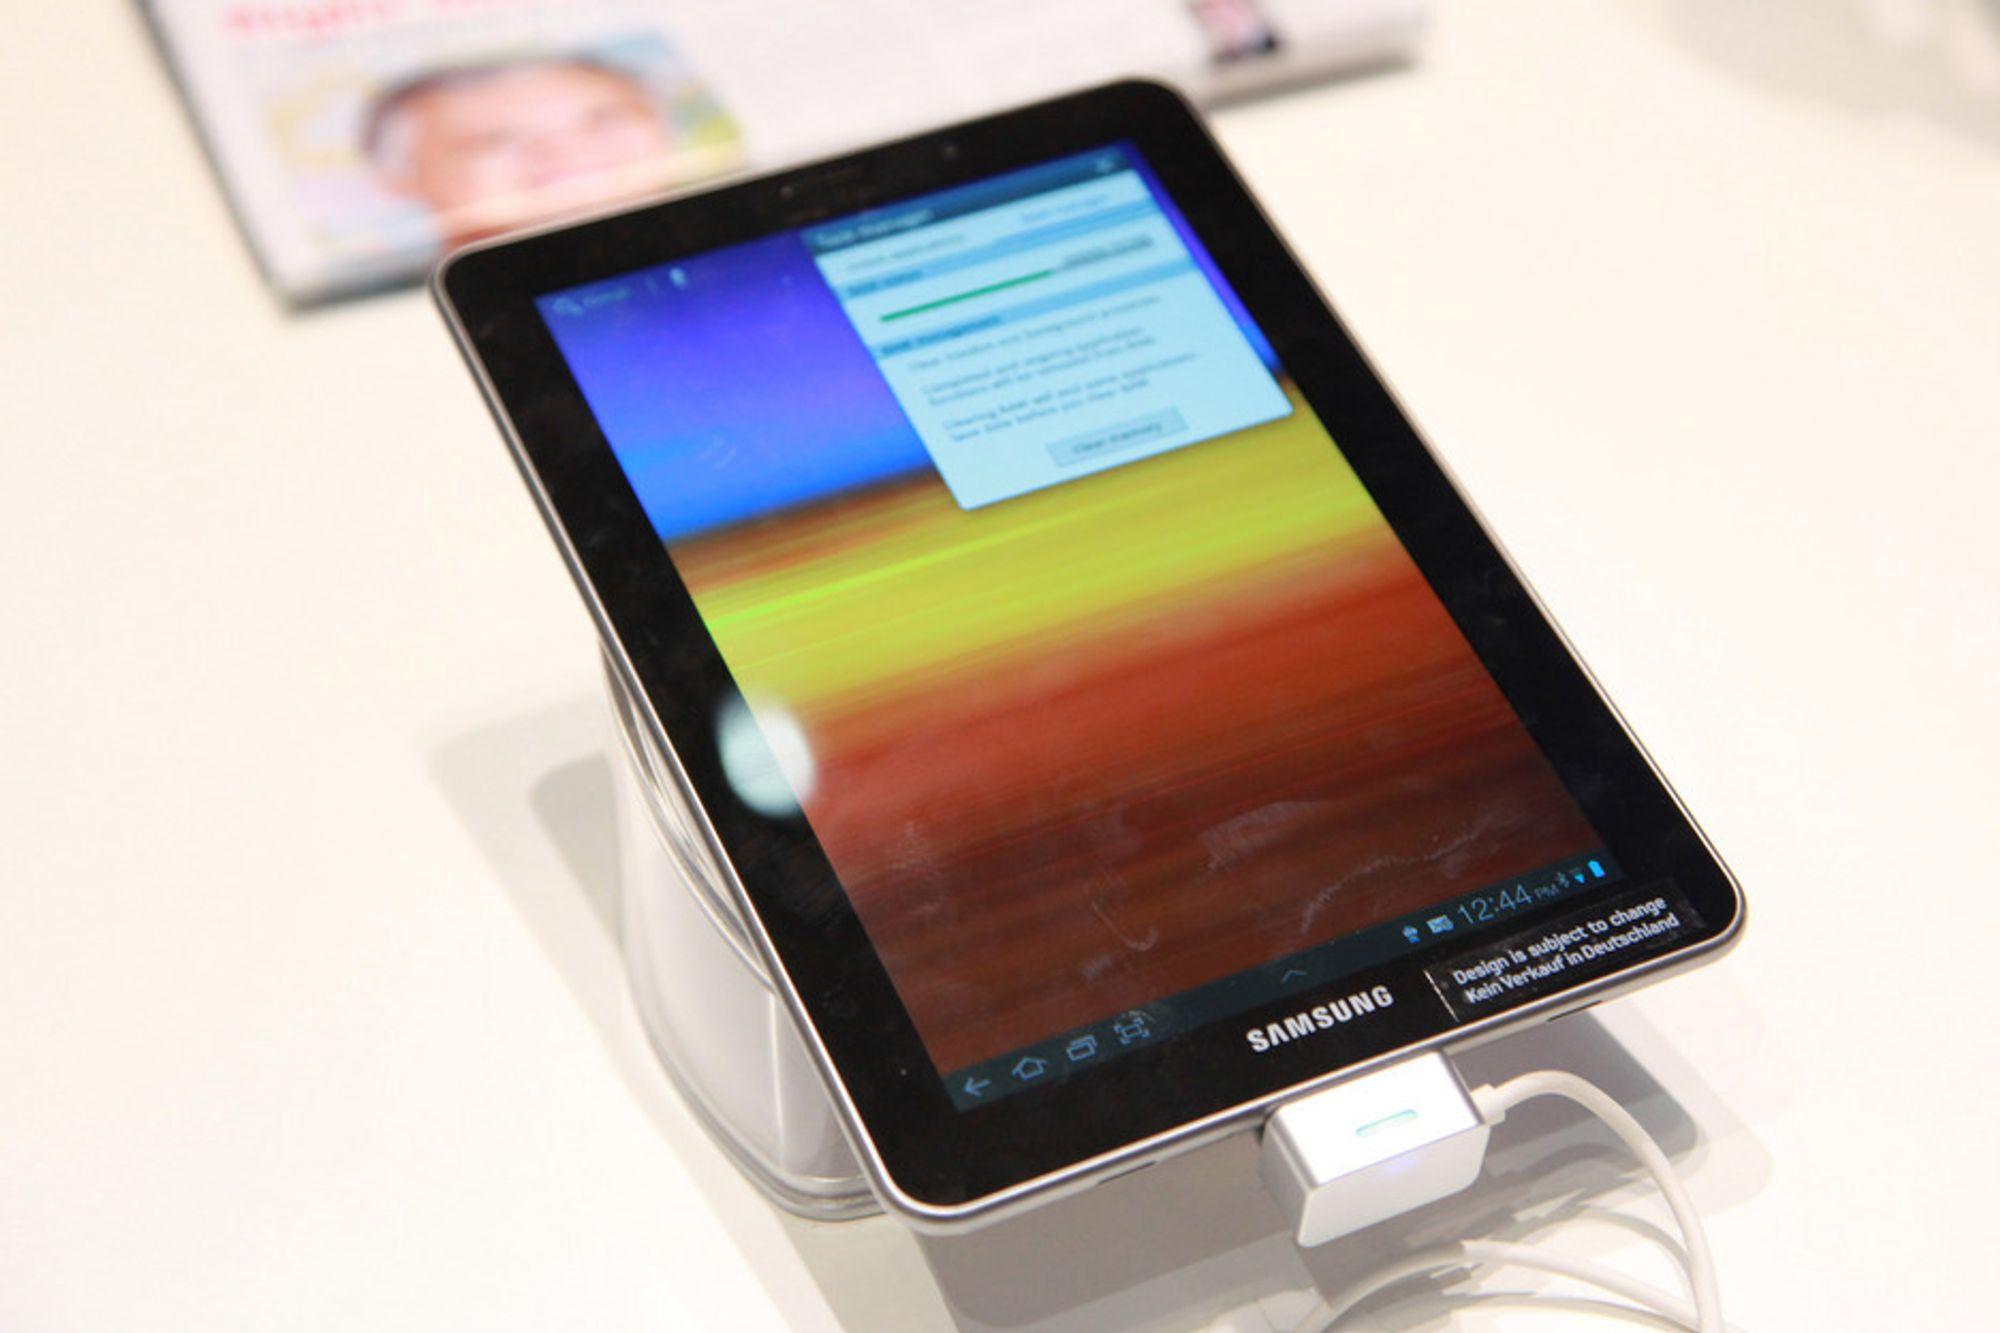 BORTE: Samsung får verken selge eller markedsføre Galaxy Tab 7.7 i Tyskland, og har derfor måttet trekke produktet fra IFA. Vi rakk å tafse litt på brettet før det forsvant.